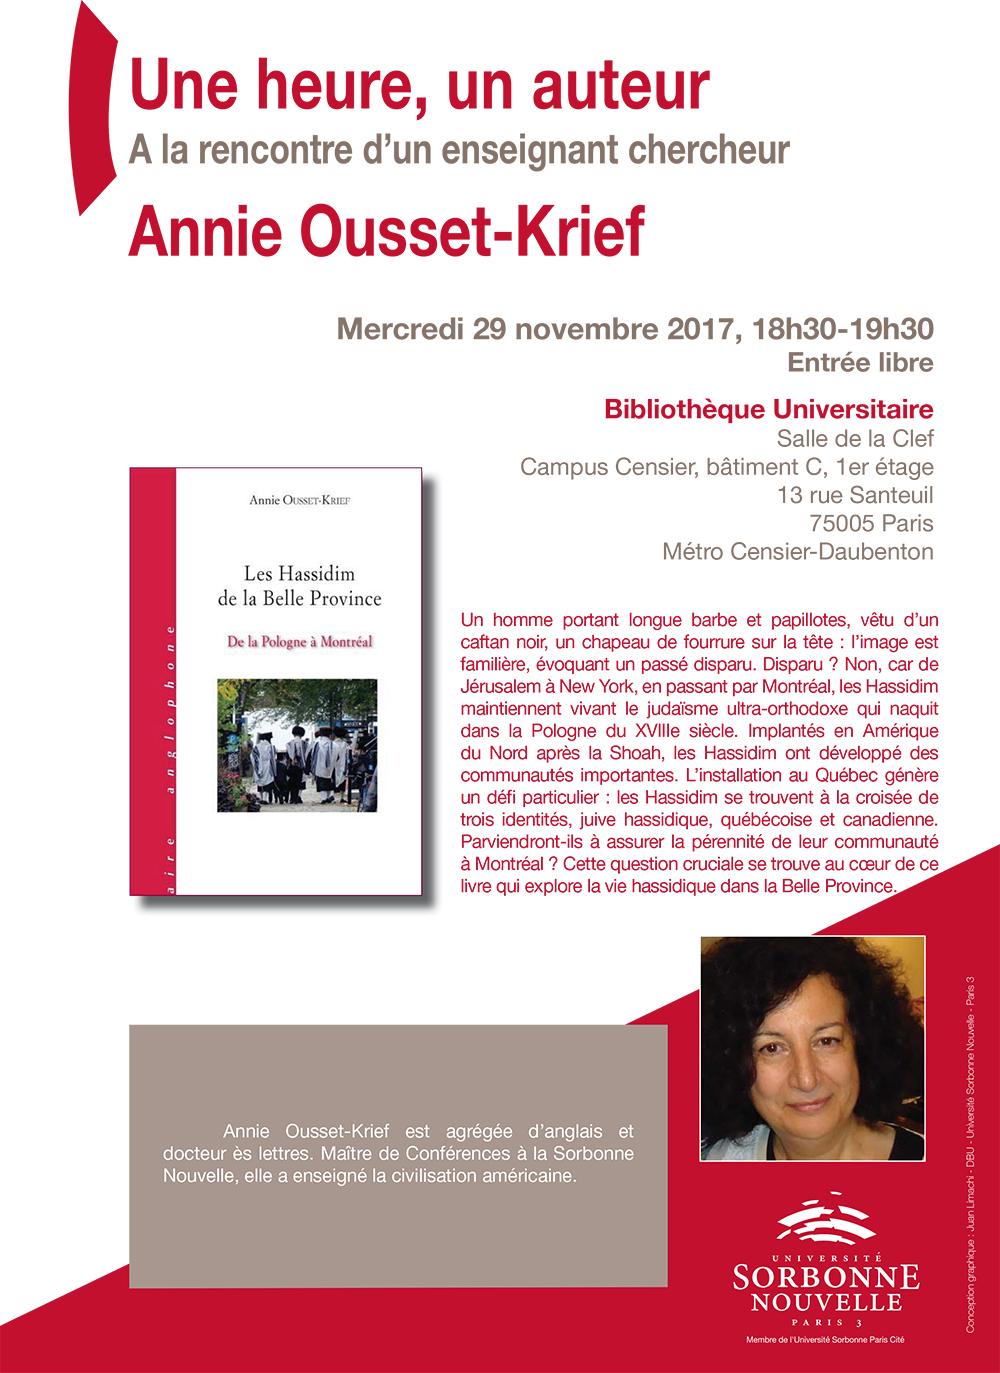 AFFICHE Annie Ousset-Krief version 2.jpg